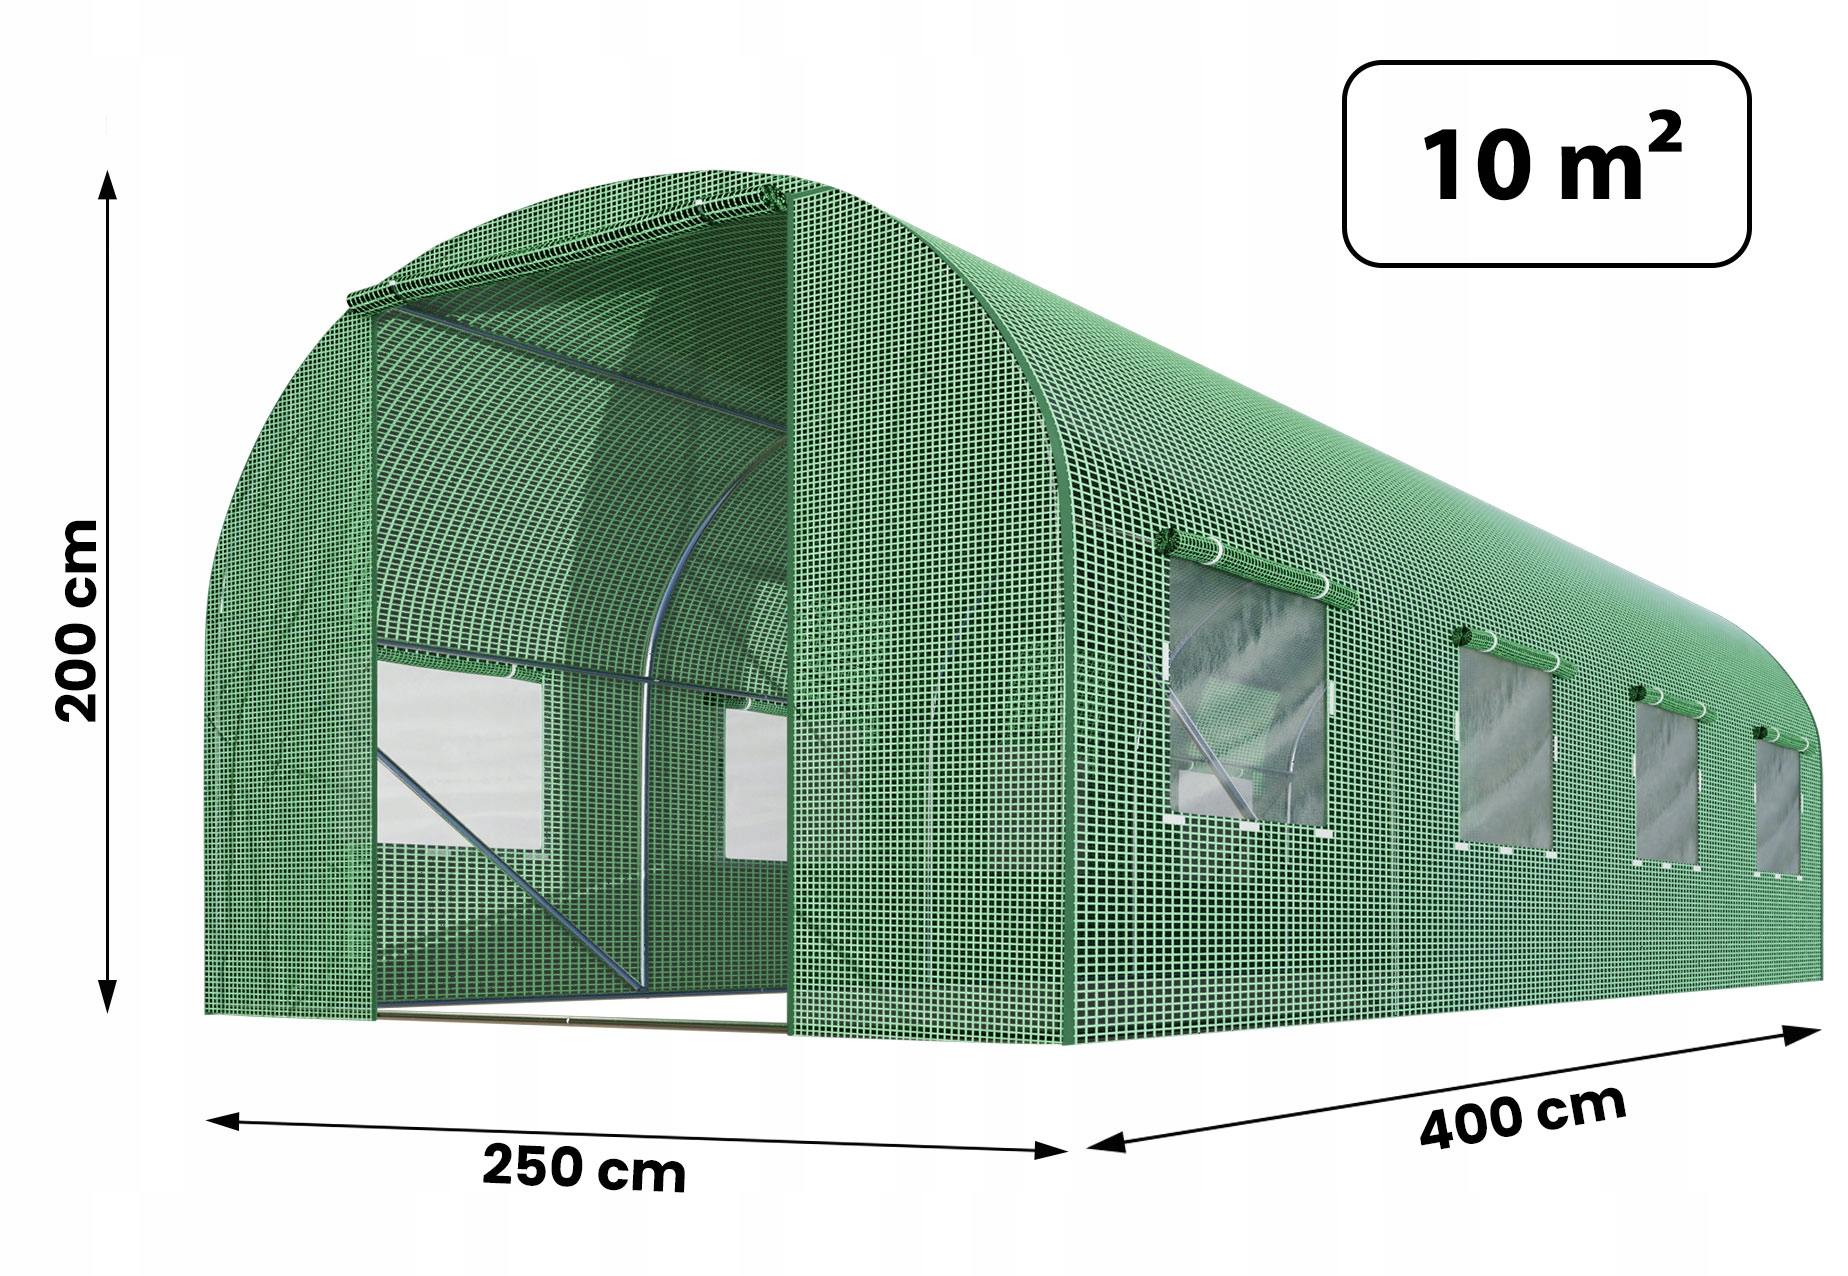 FOLIA NA TUNEL OGRODOWY 2,5x4m ZAMIENNA UV-4 10m2 Waga produktu z opakowaniem jednostkowym 5.5 kg